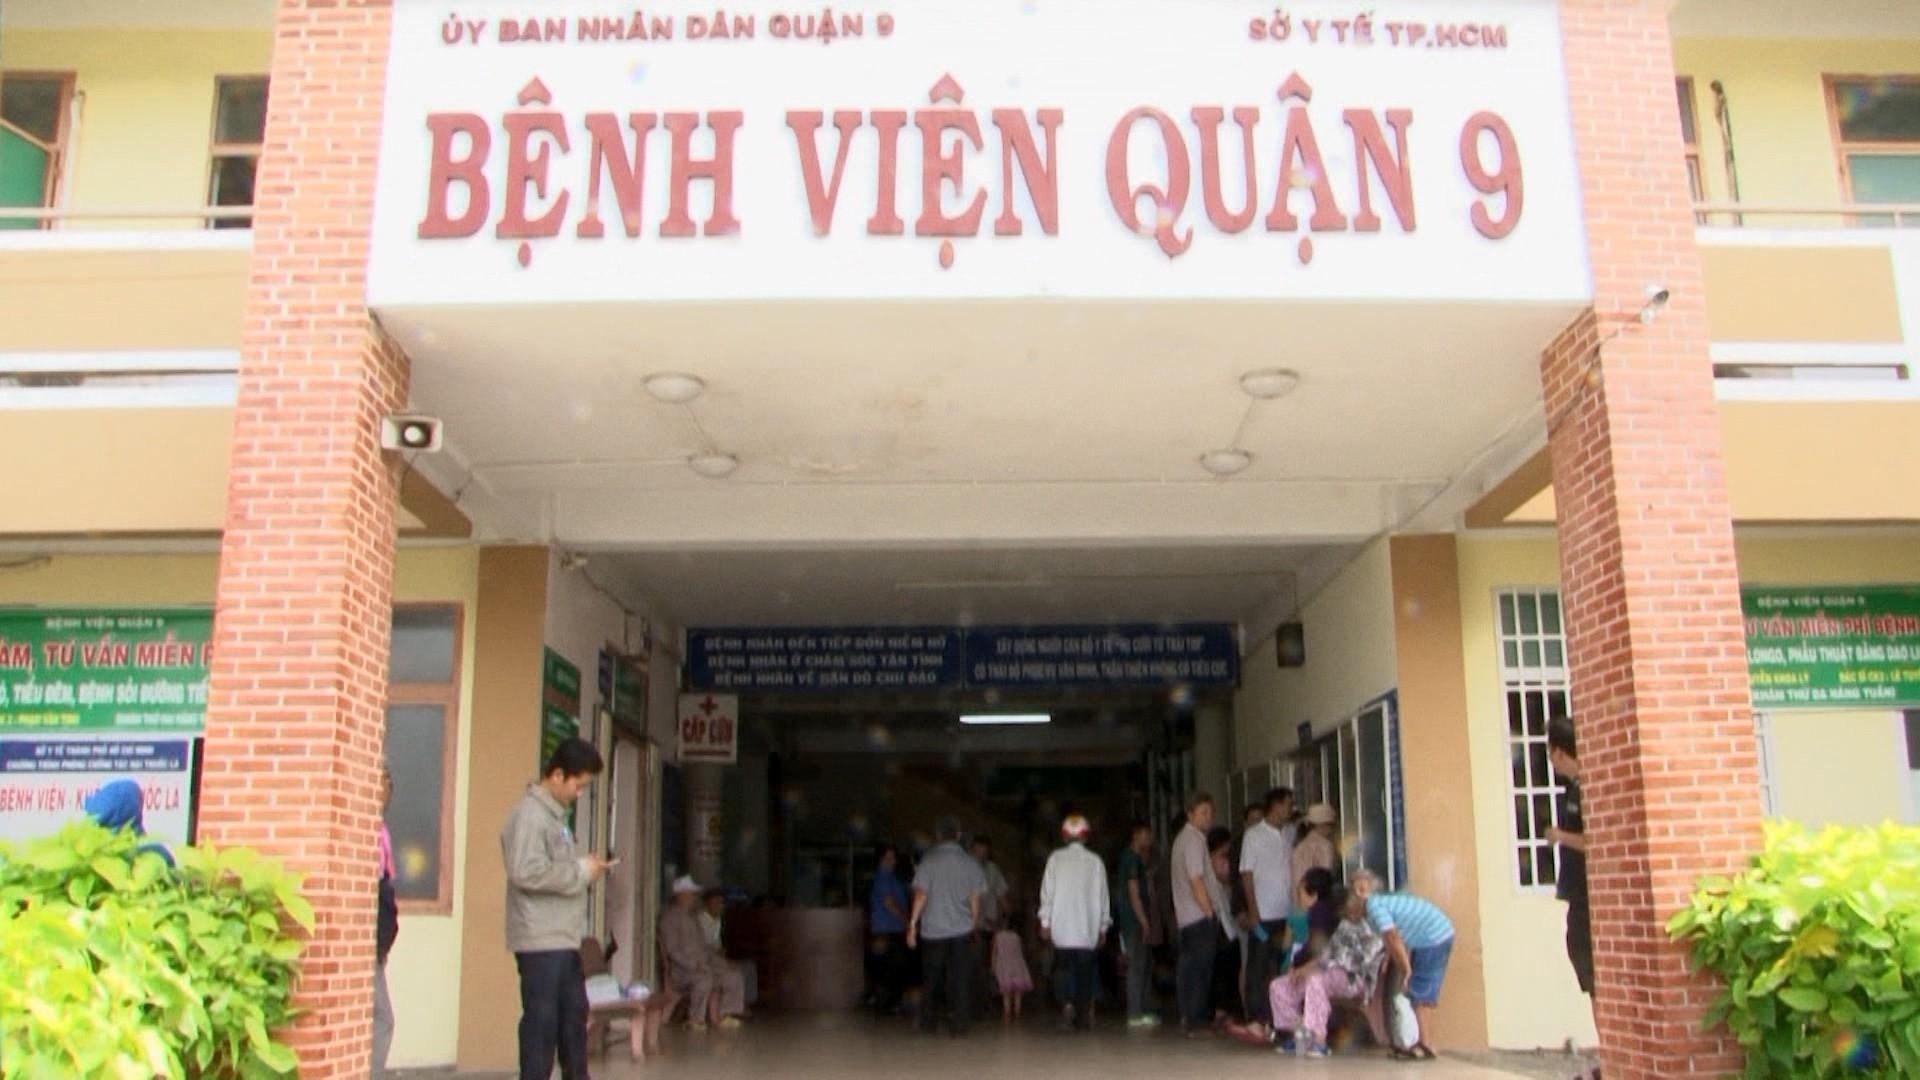 Vụ bé trai tử vong tại nhà trẻ nghi do sặc cháo ở TP.HCM: Bác sĩ tiết lộ thông tin đau lòng - Ảnh 1.